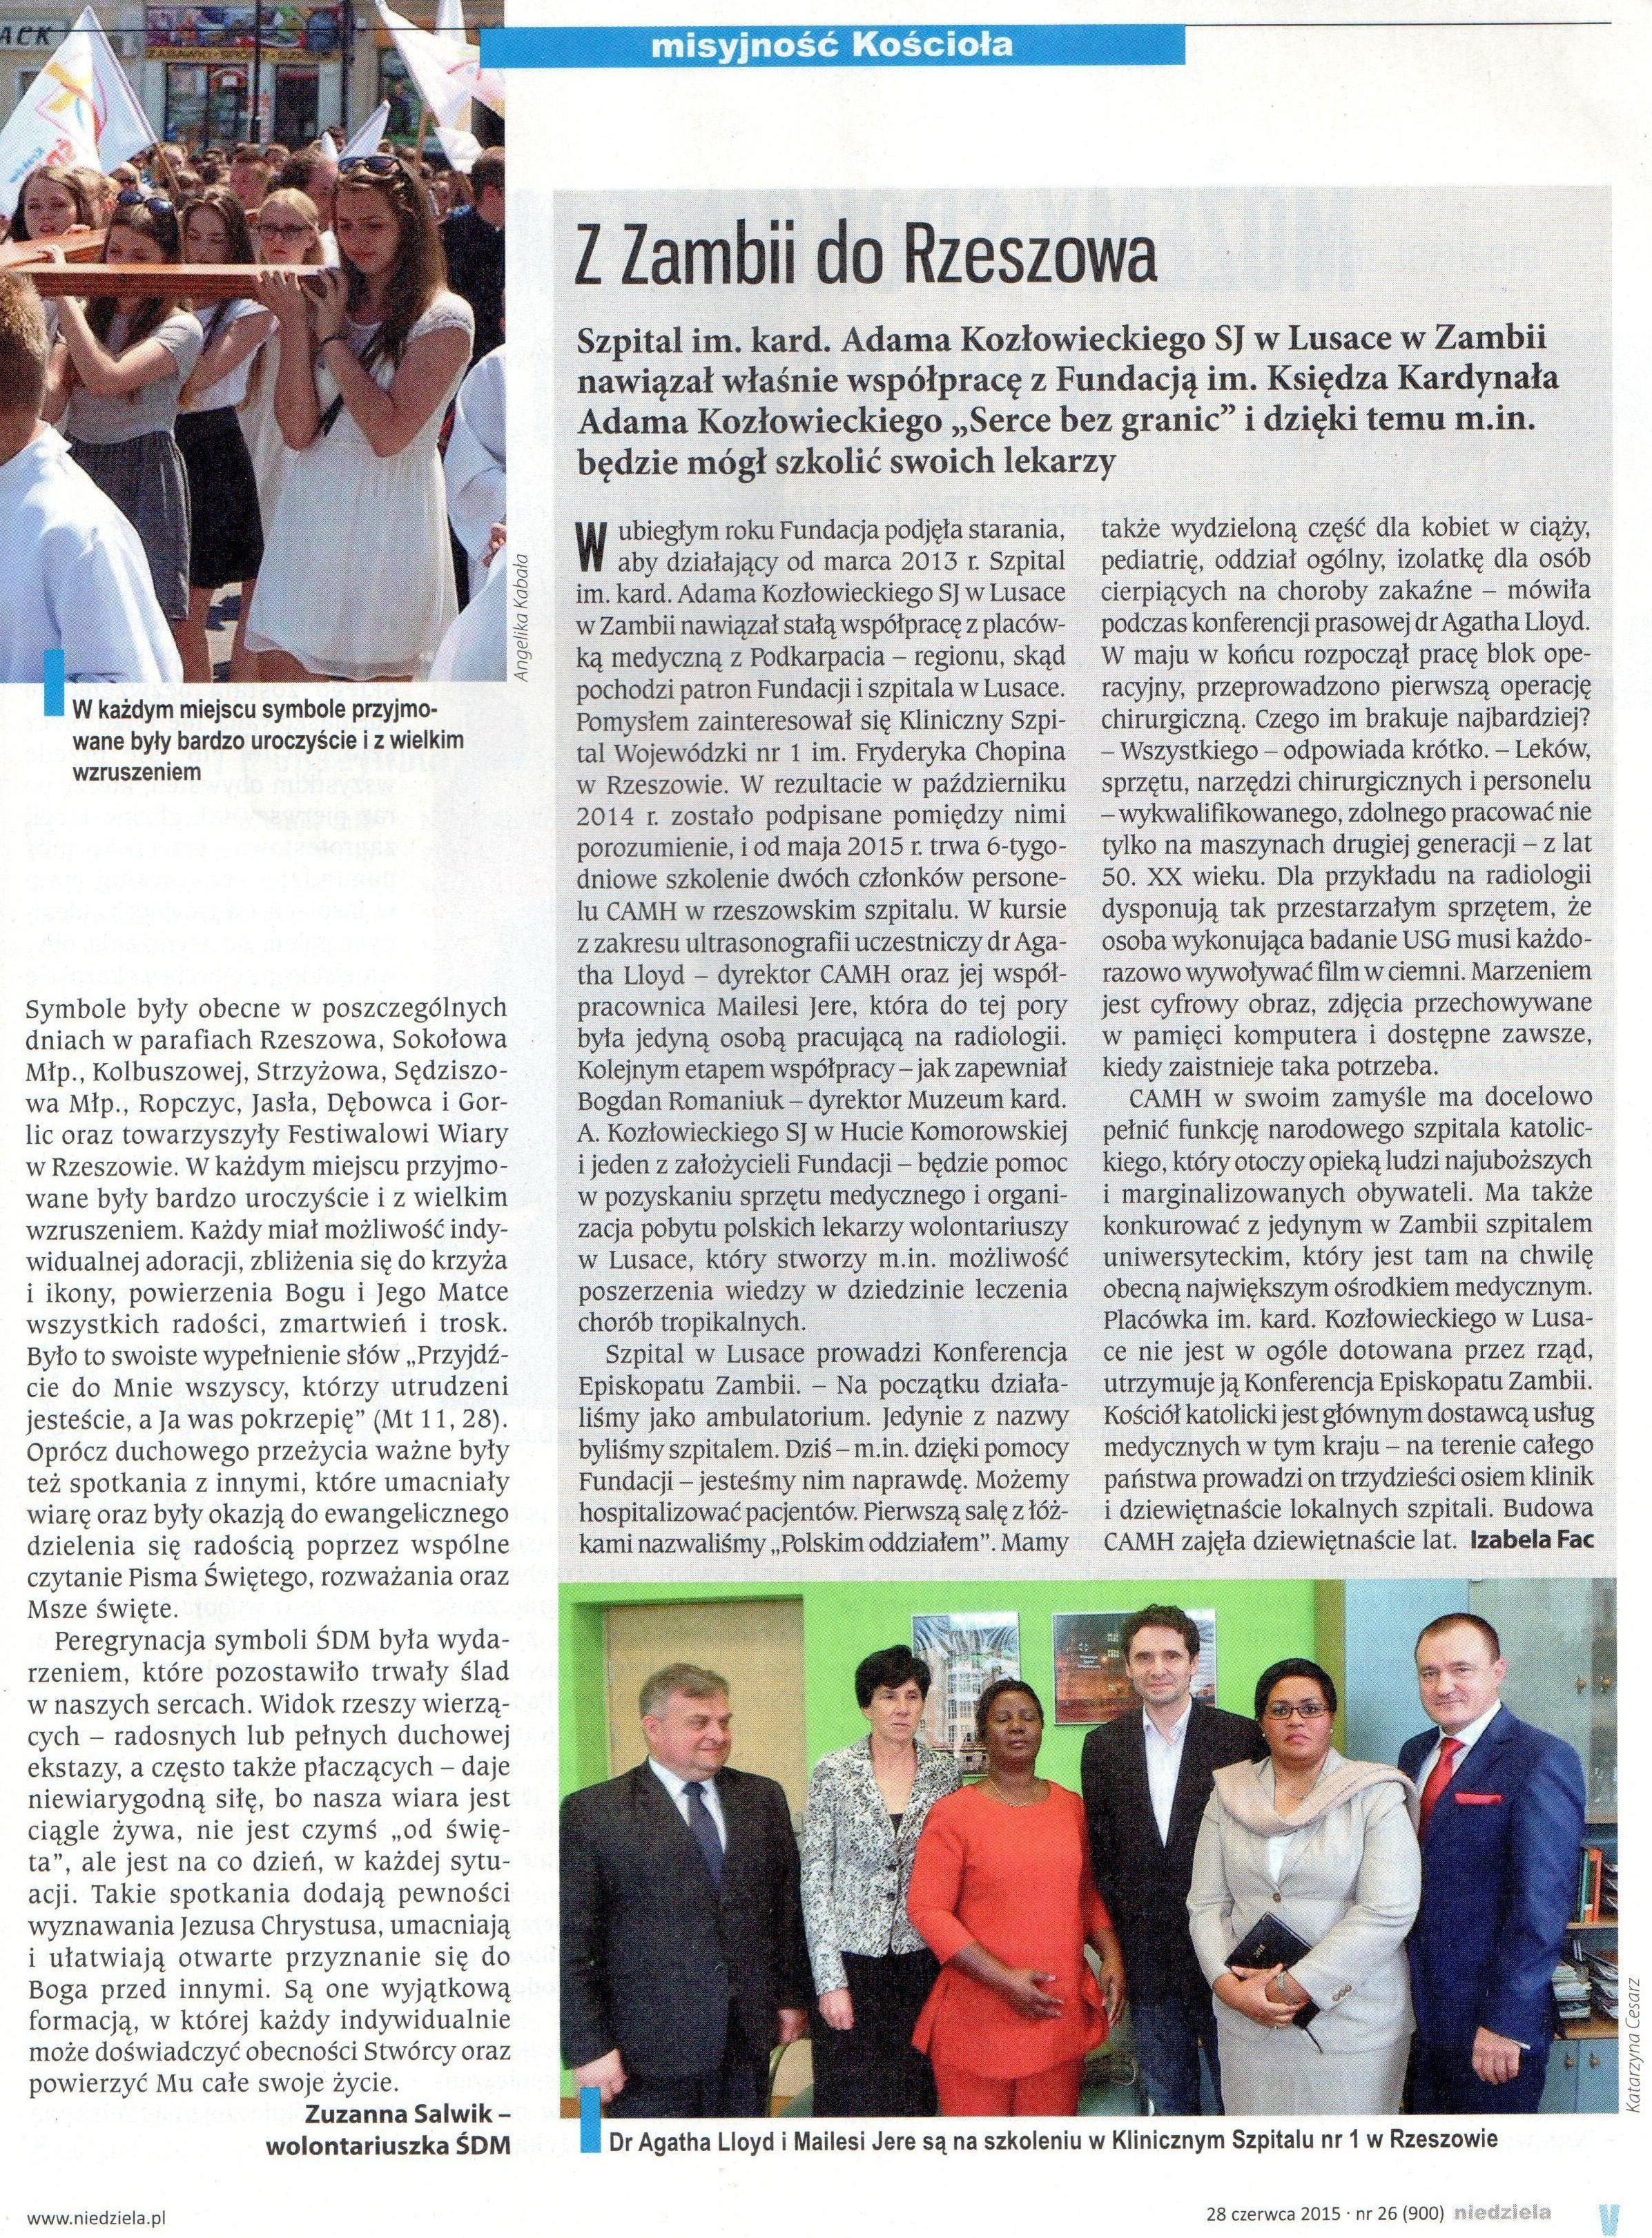 Artykuł - Niedziela Rzeszowska, 28.06.2015